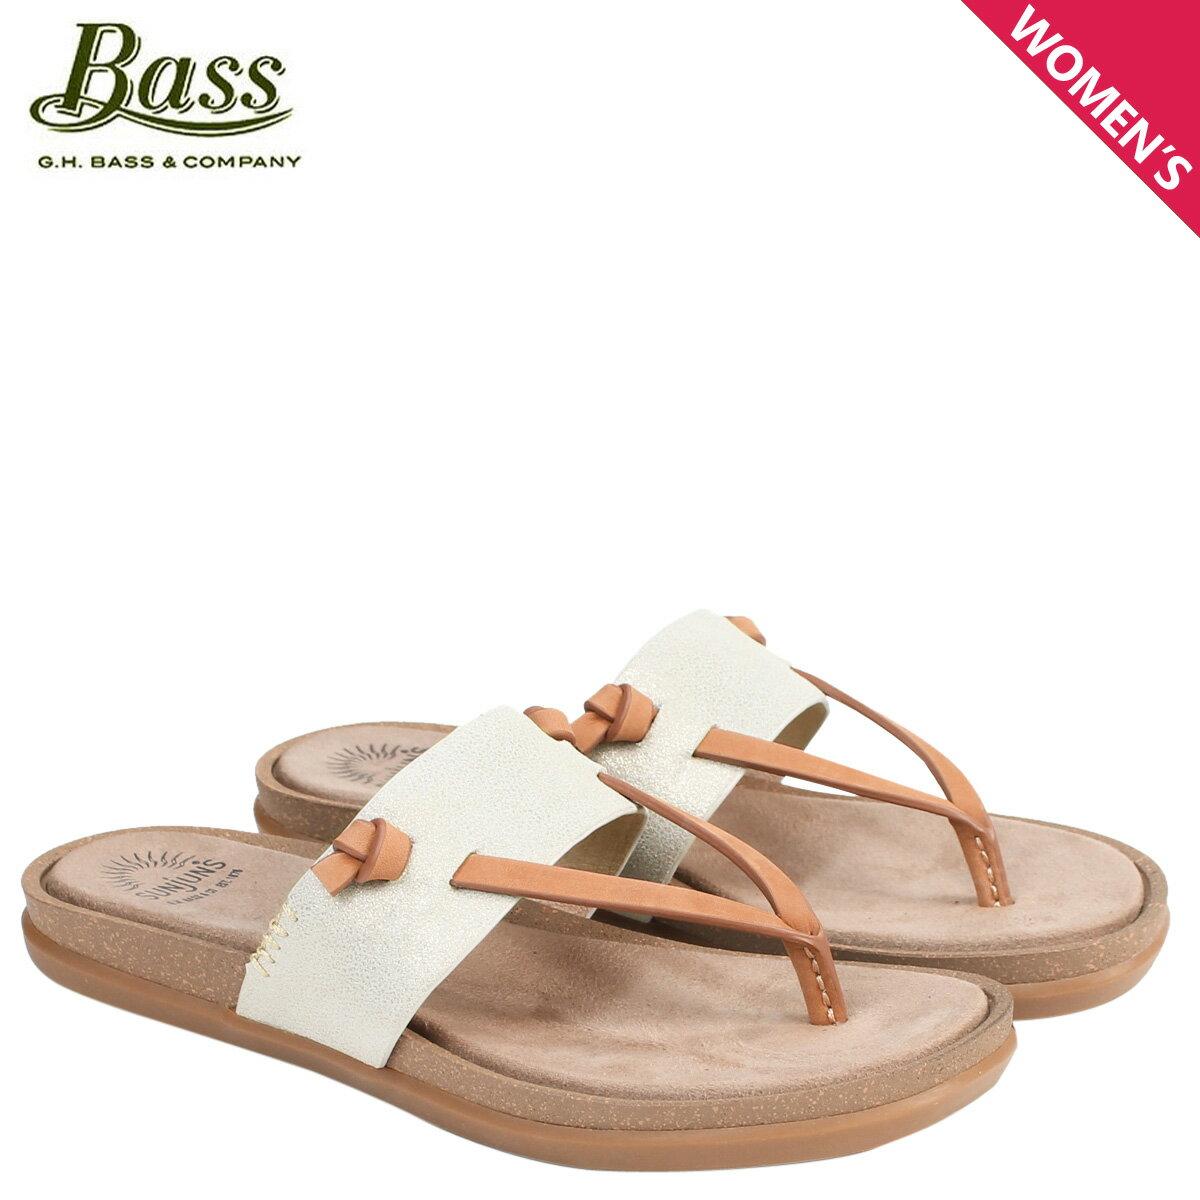 ジーエイチバス サンダル レディース G.H. BASS トング SHANNON THONG SUNJUNS 71-23012 靴 ゴールド [177]